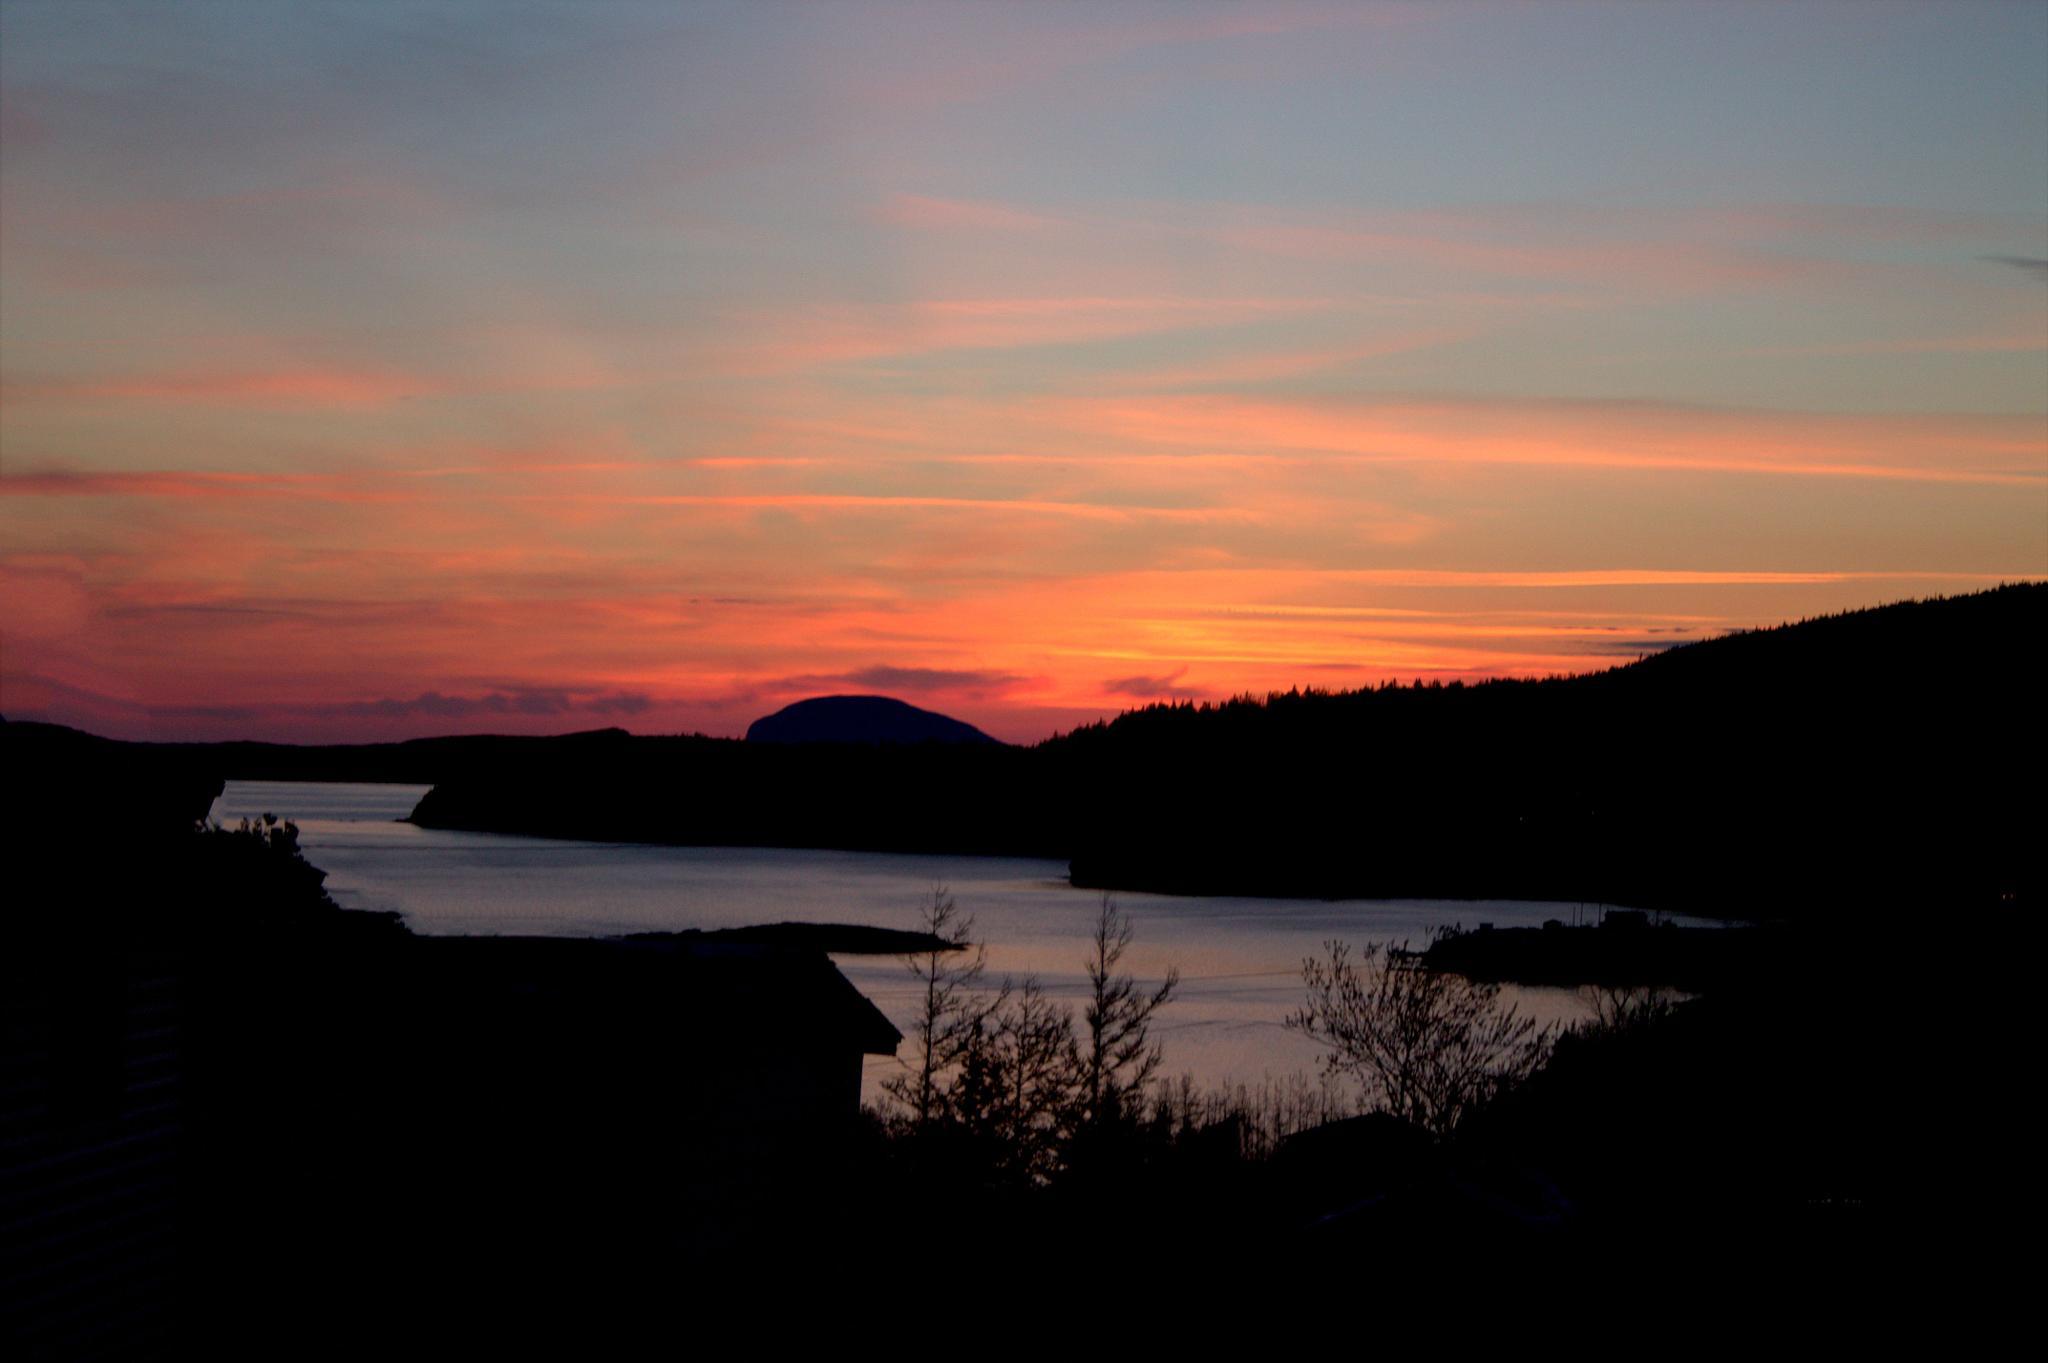 Sunday Sunset by @denienelovell